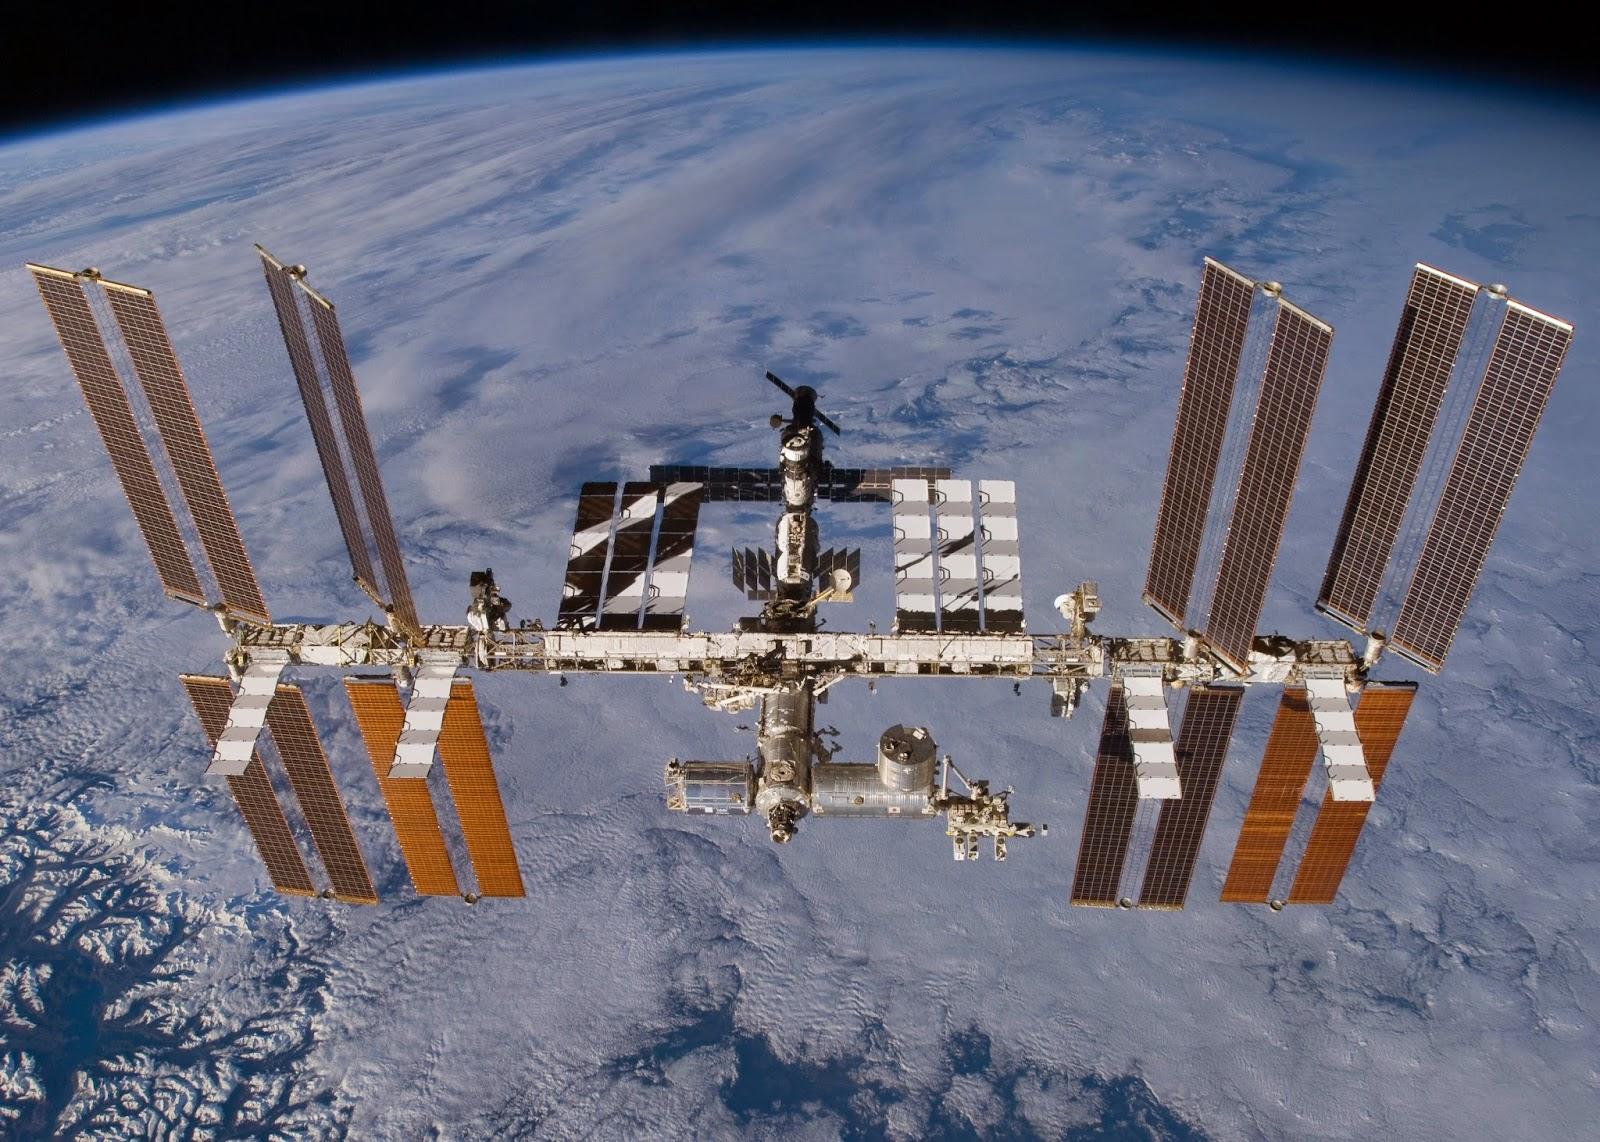 ISS : 14 ans de présence ininterrompue de l'Homme dans l'espace : Rétrospective